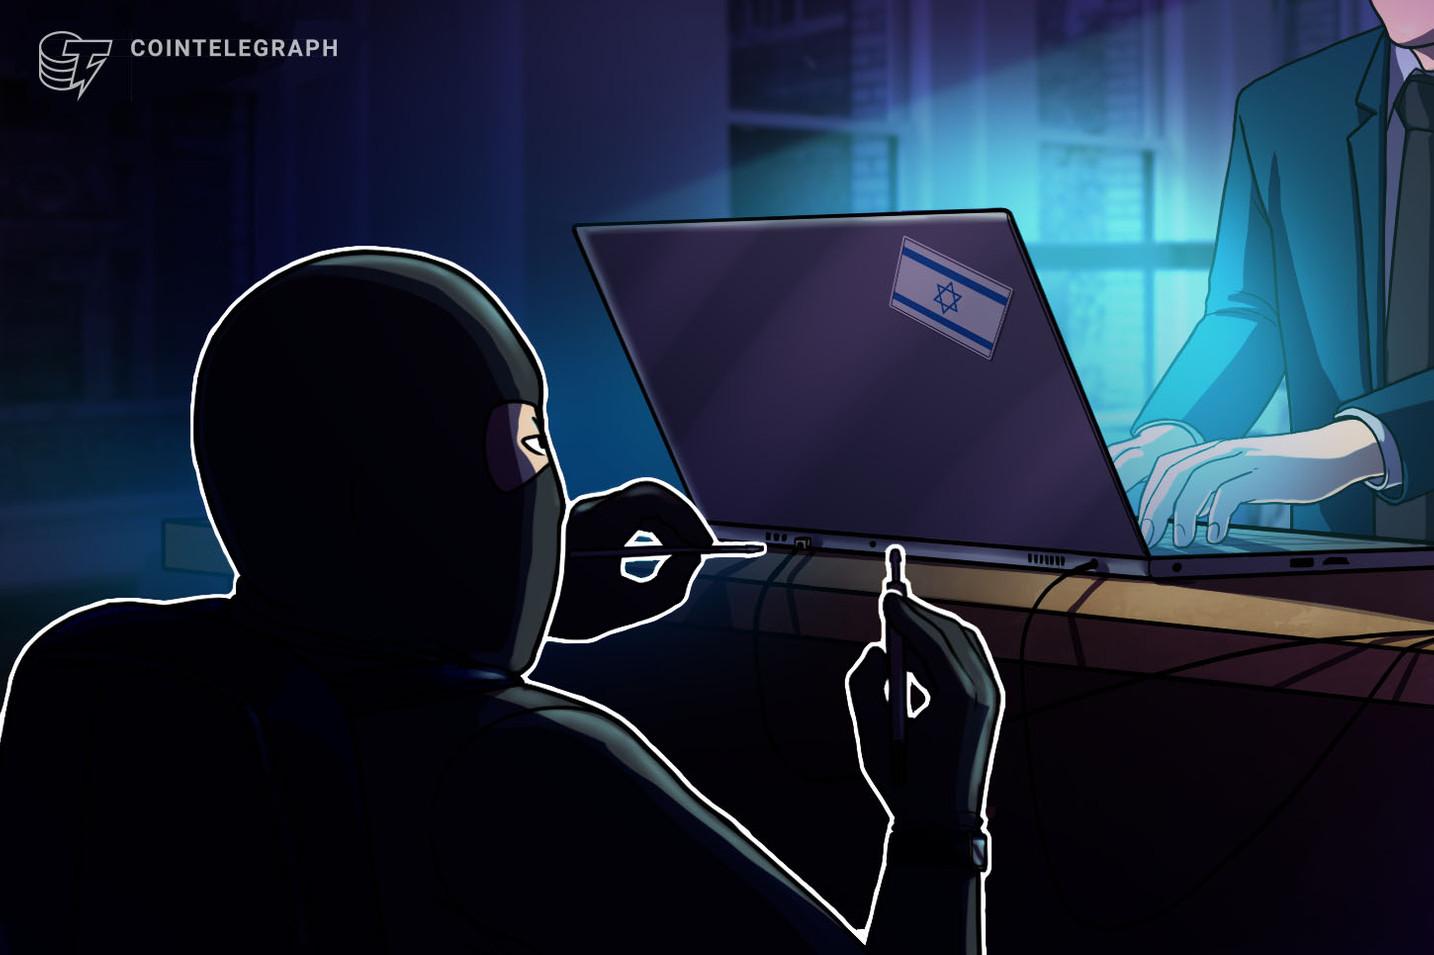 Relatório: Malware atinge fintechs israelenses que trabalham com forex e criptomoedas